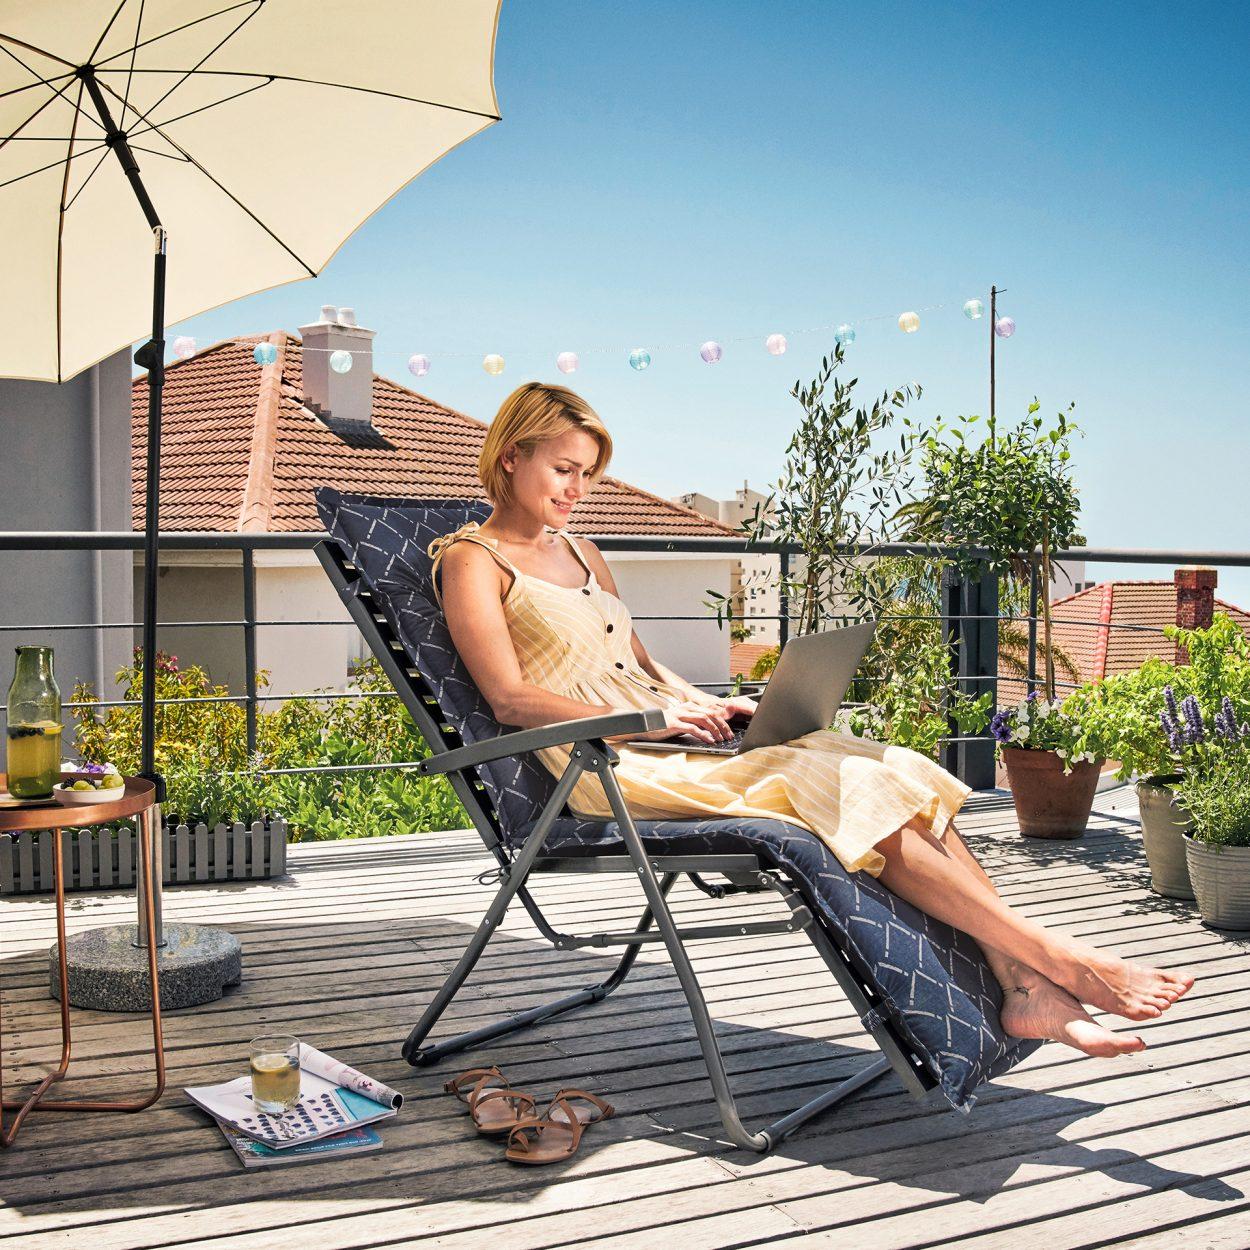 Full Size of Liegestuhl Aldi Relaxliege Gnstig Bei Nord Garten Relaxsessel Wohnzimmer Liegestuhl Aldi